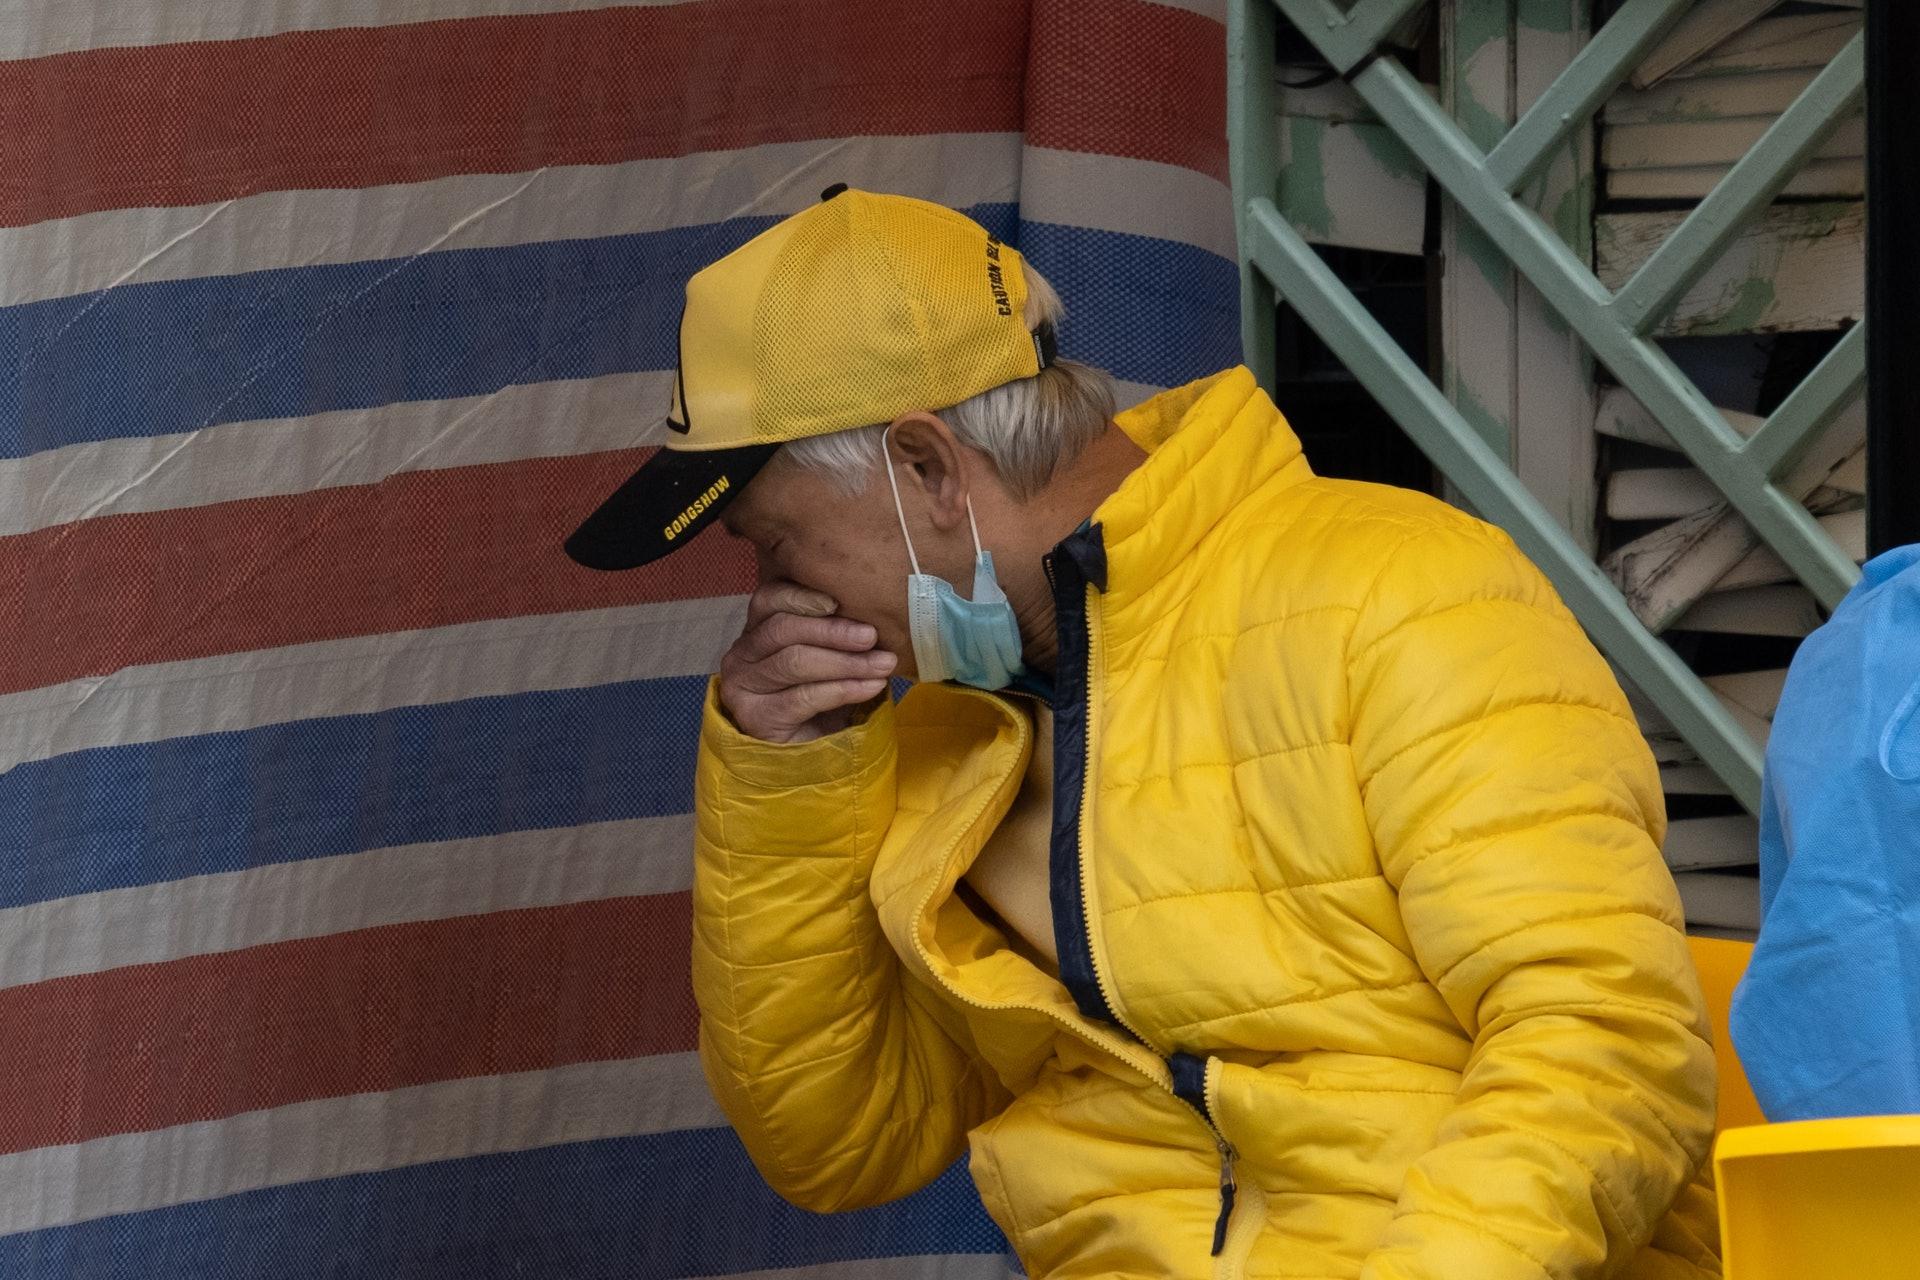 沙田乙明邨明恩樓爆疫,當局在乙明邨籃球場設立流動採樣站,有長者接受檢測後,感到不適打噴嚏。(梁鵬威攝)